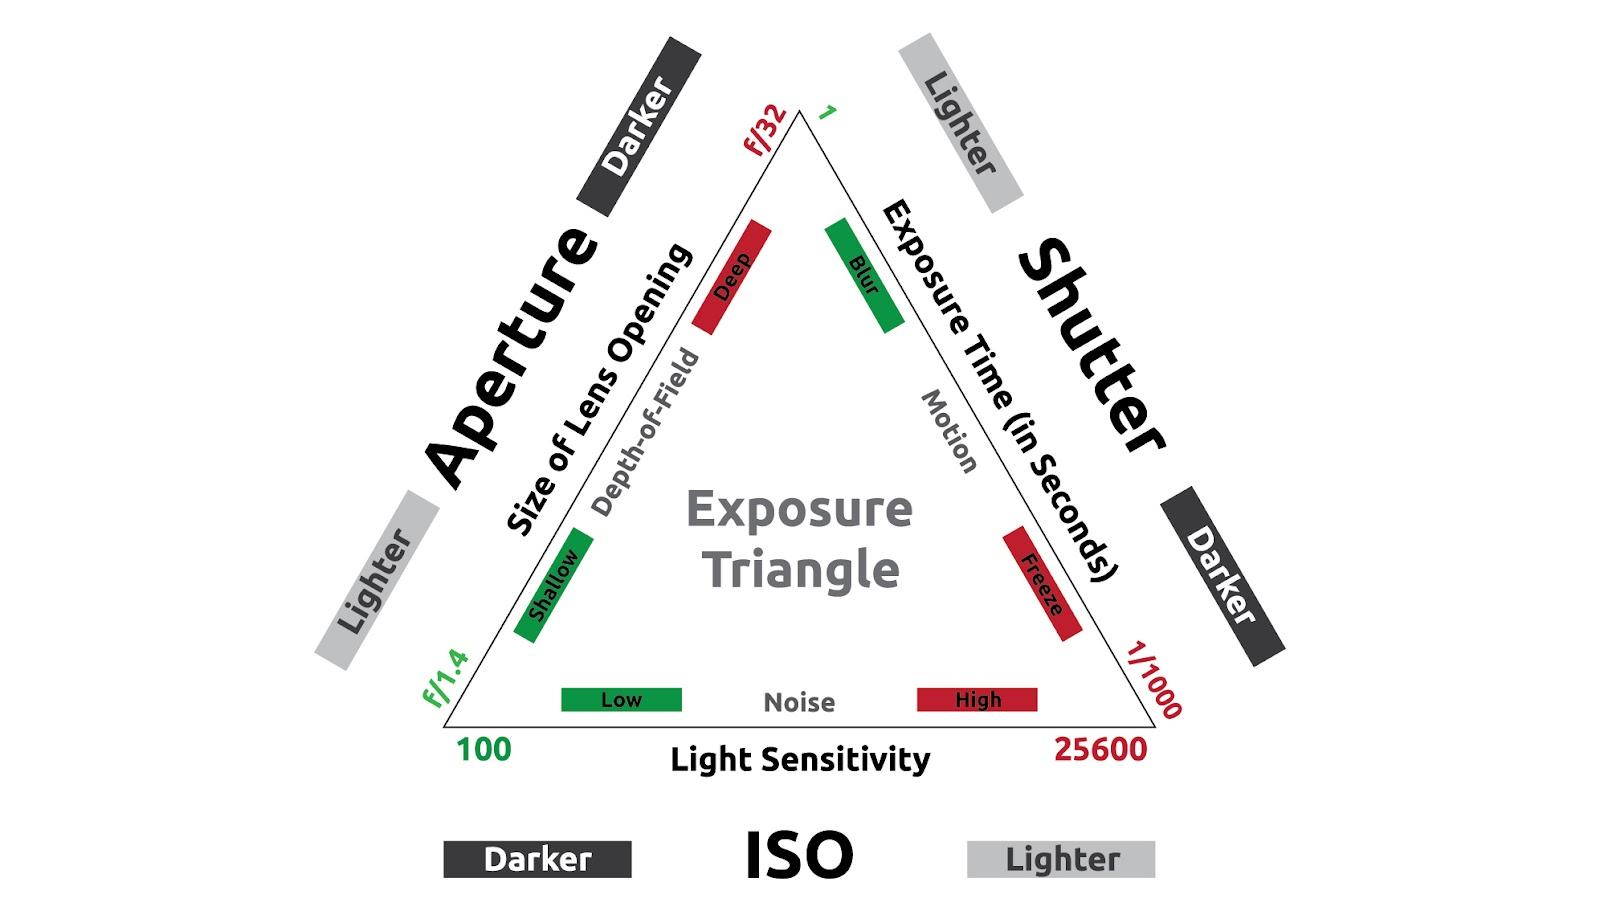 ISO, aperture, shutter speed